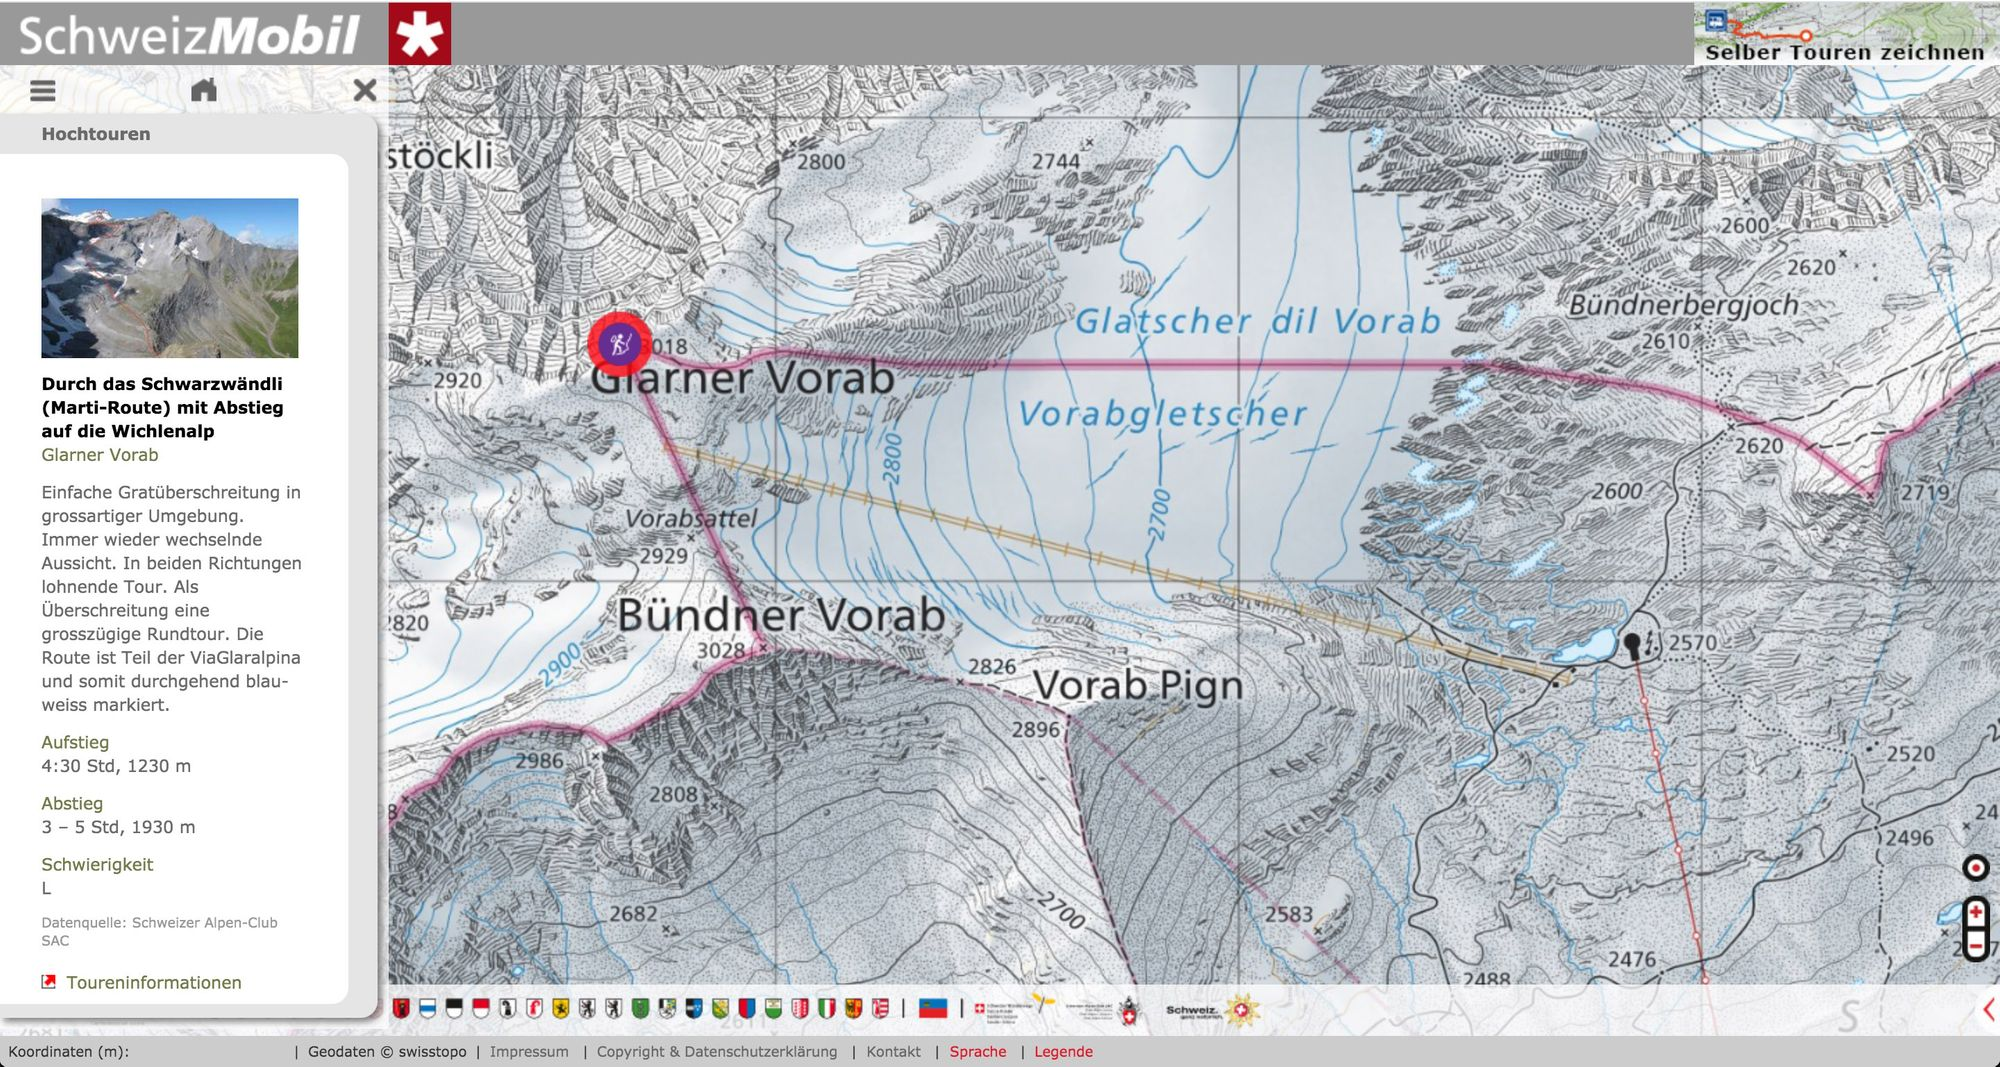 SchweizMobil: Jetzt mit Berg- und Skitouren